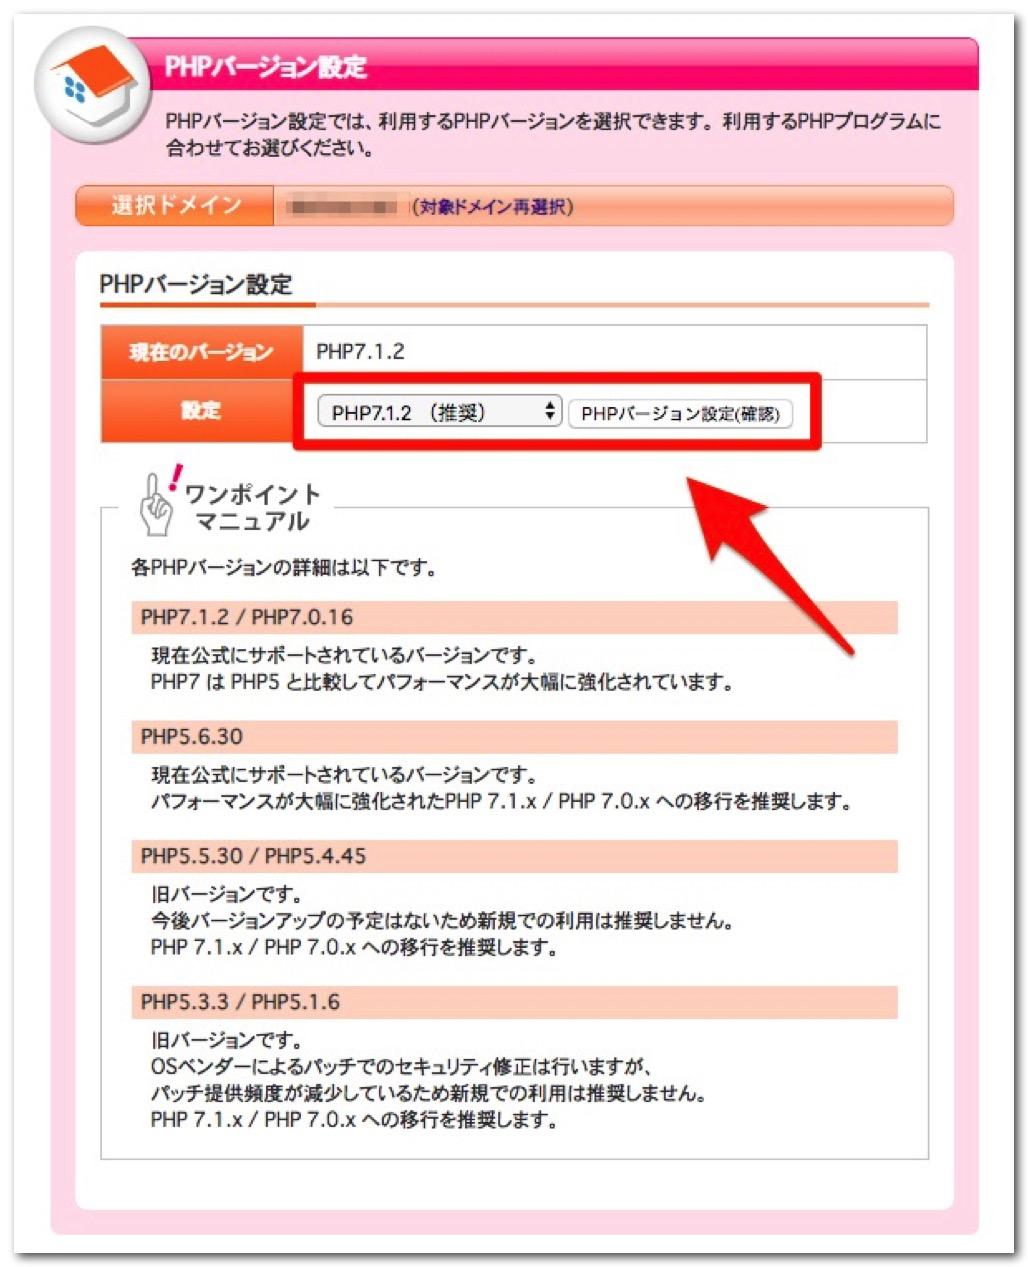 180428 minibird php update 03